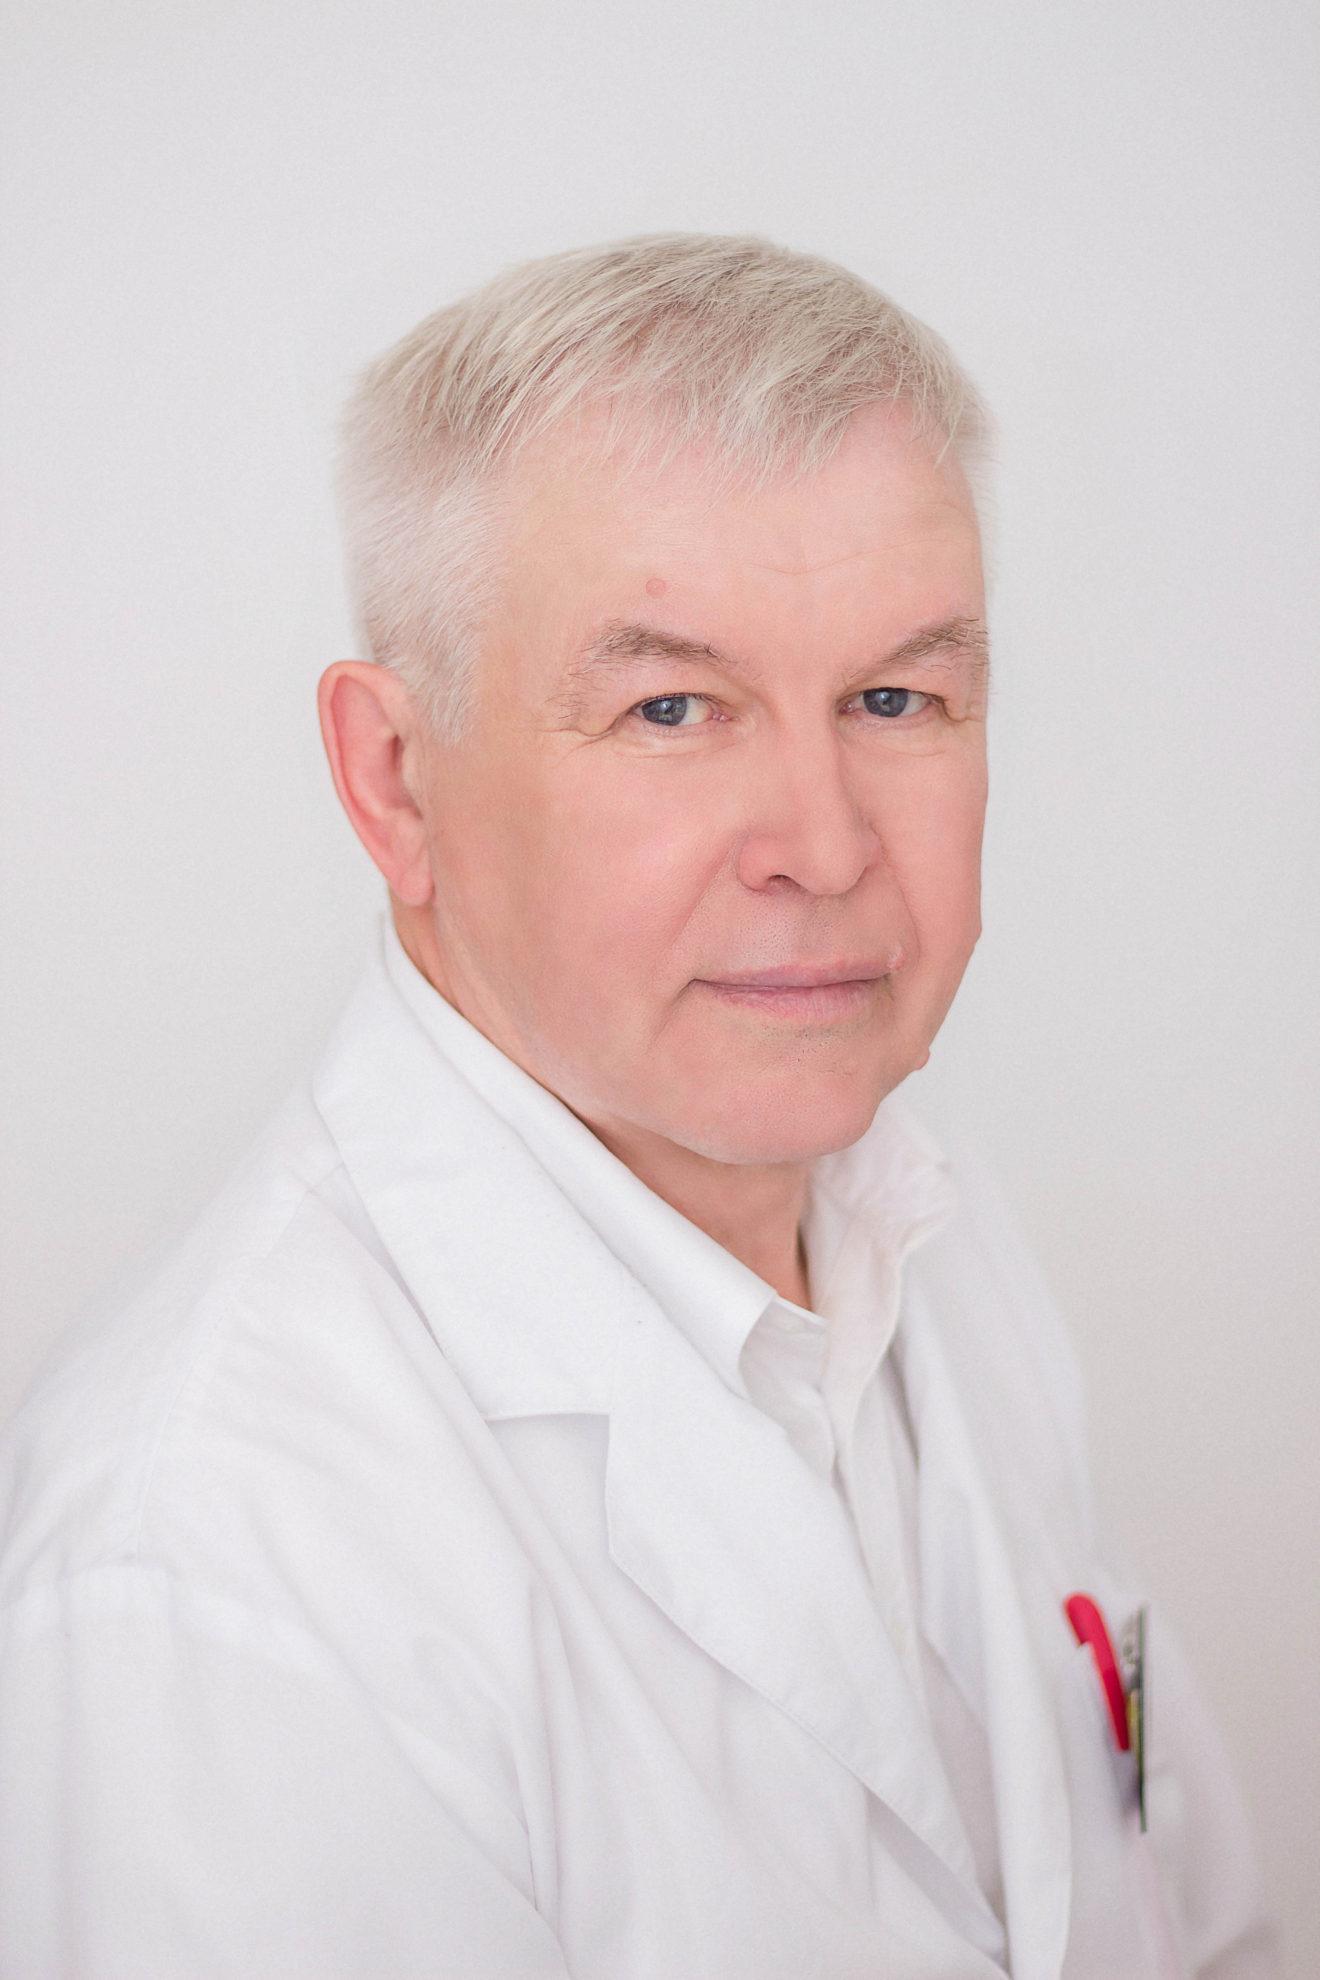 Запольских Сергей Викторович